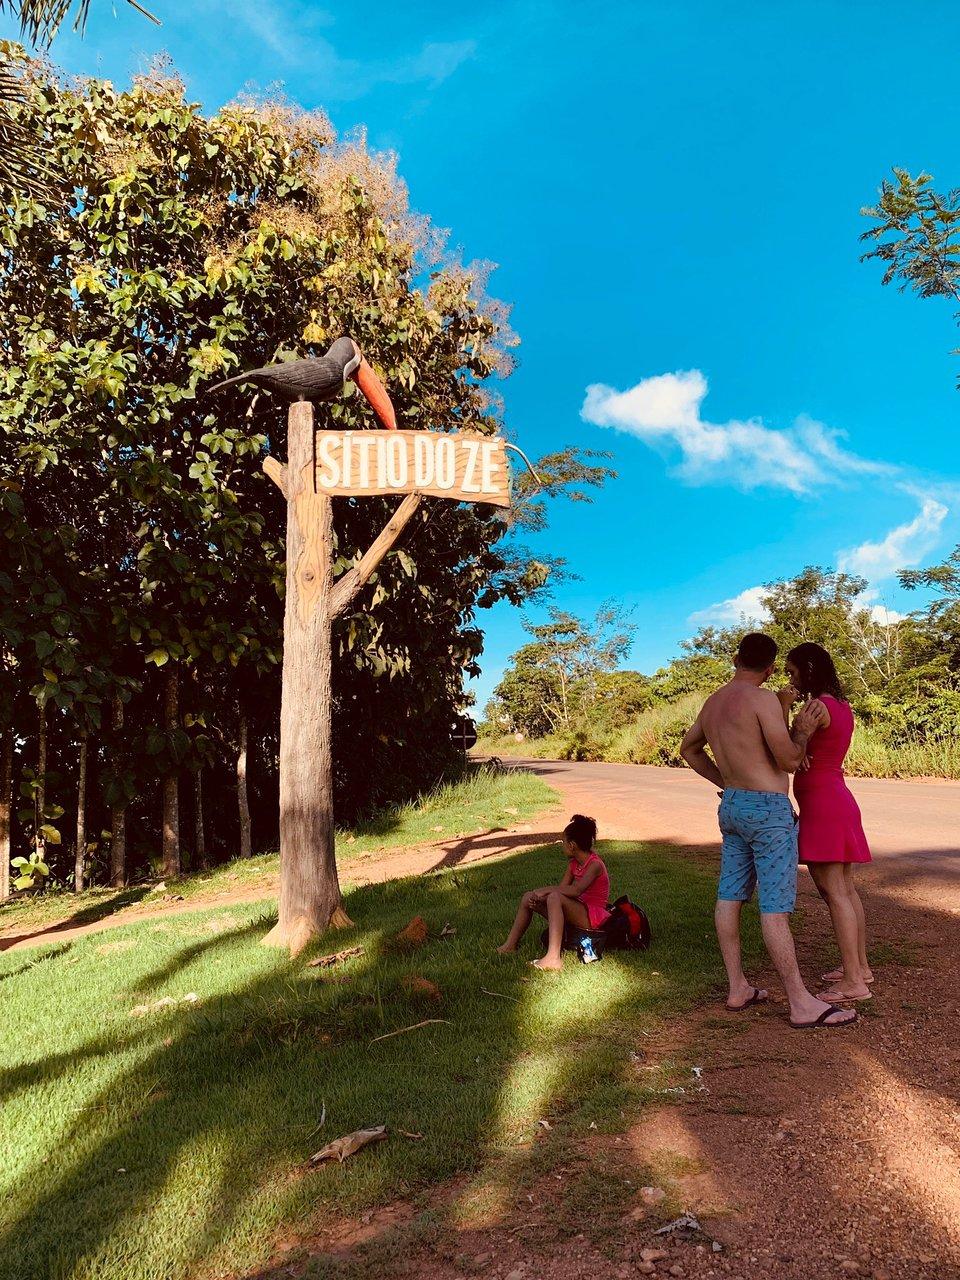 Novo Horizonte do Oeste Rondônia fonte: media-cdn.tripadvisor.com